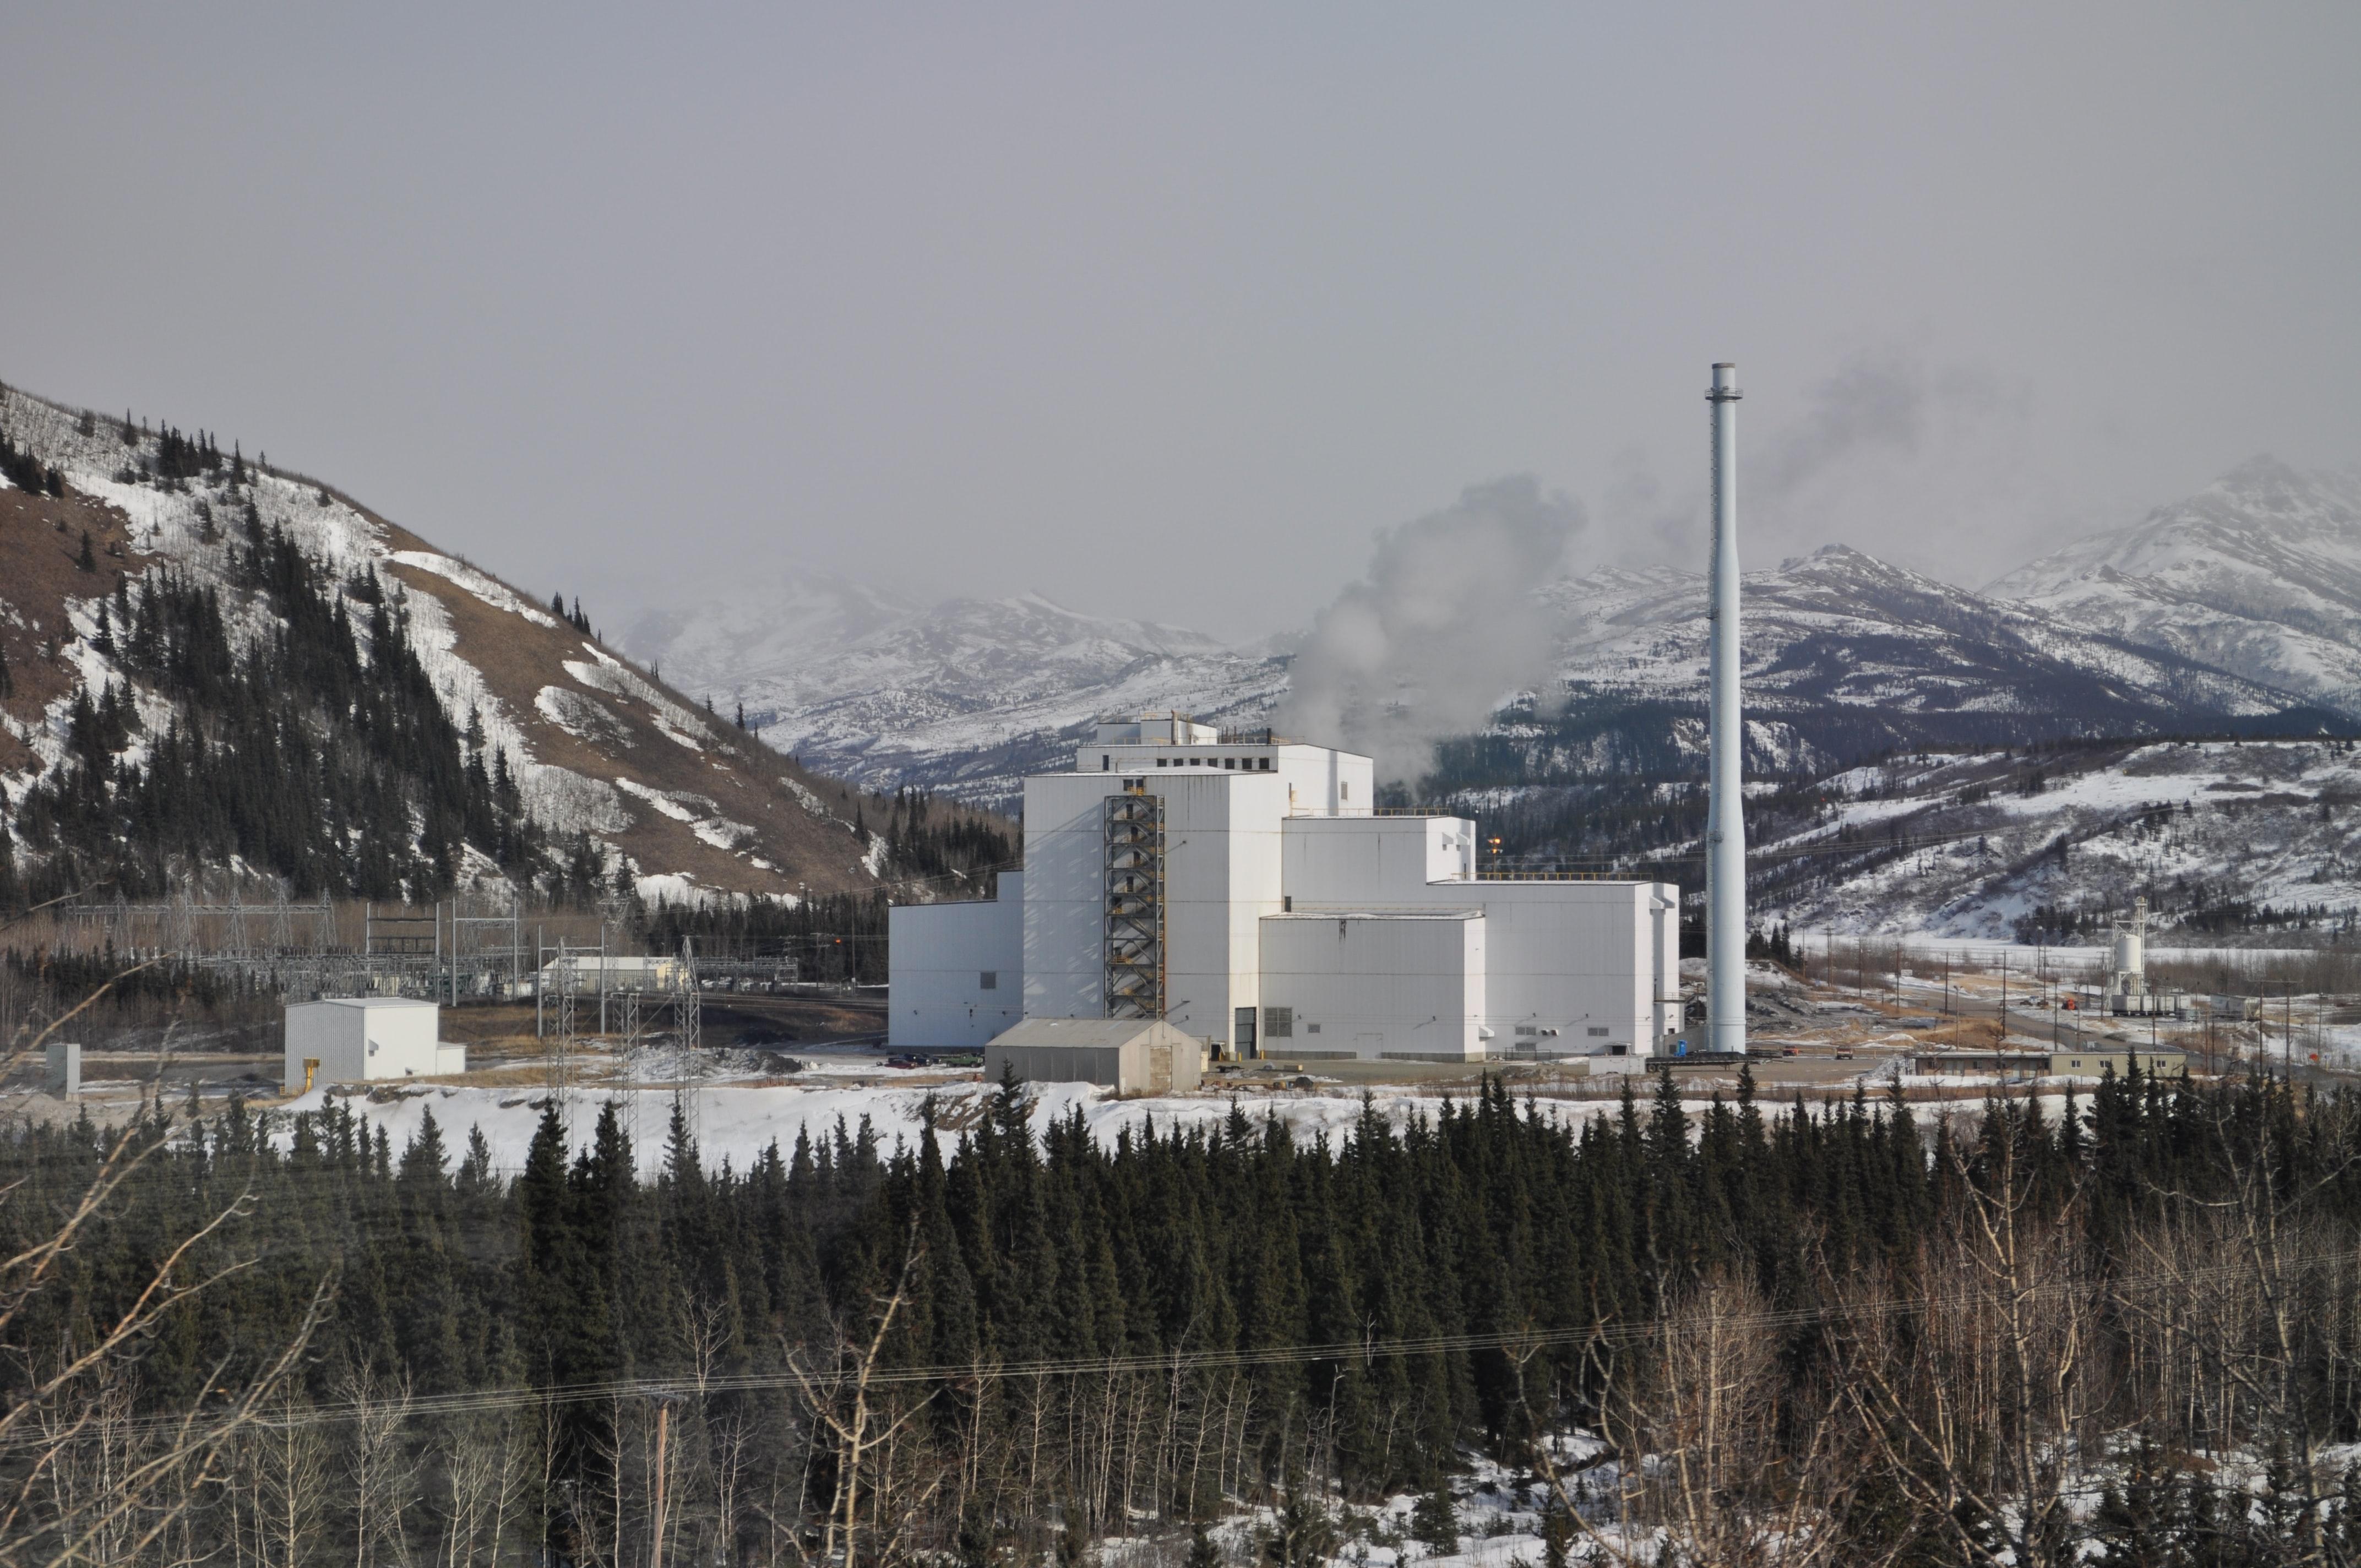 Weniger Kohle wegen COVID-19: So beschleunigt die Pandemie das Ende der fossilen Stromerzeugung